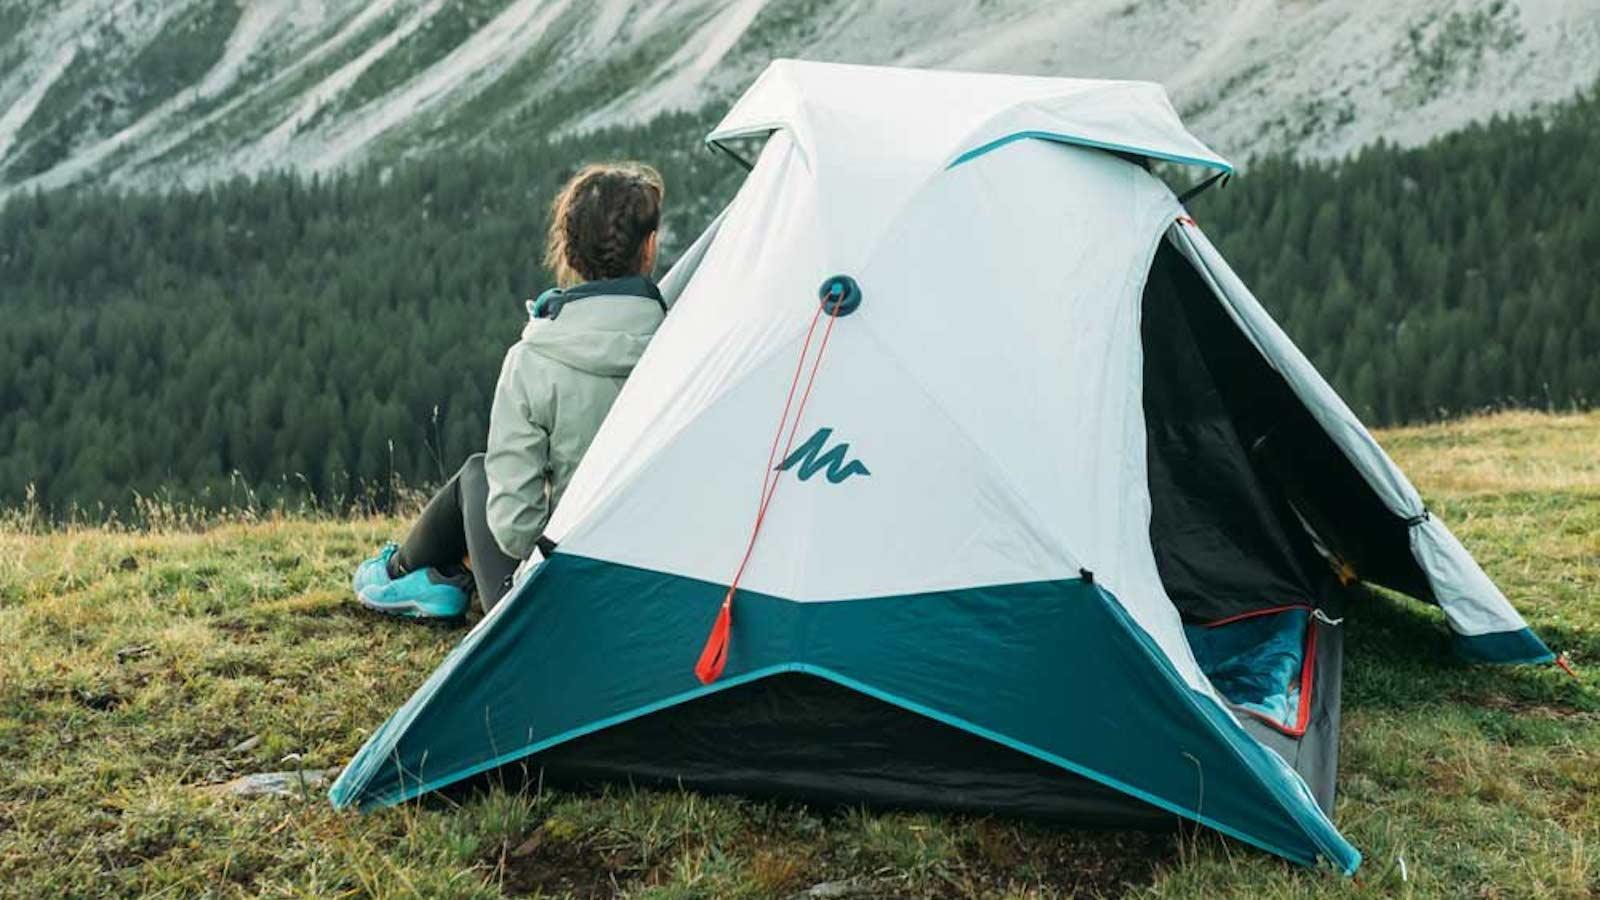 Decathlon 2-Seconds Easy Tent Outdoor Sleeping Gear